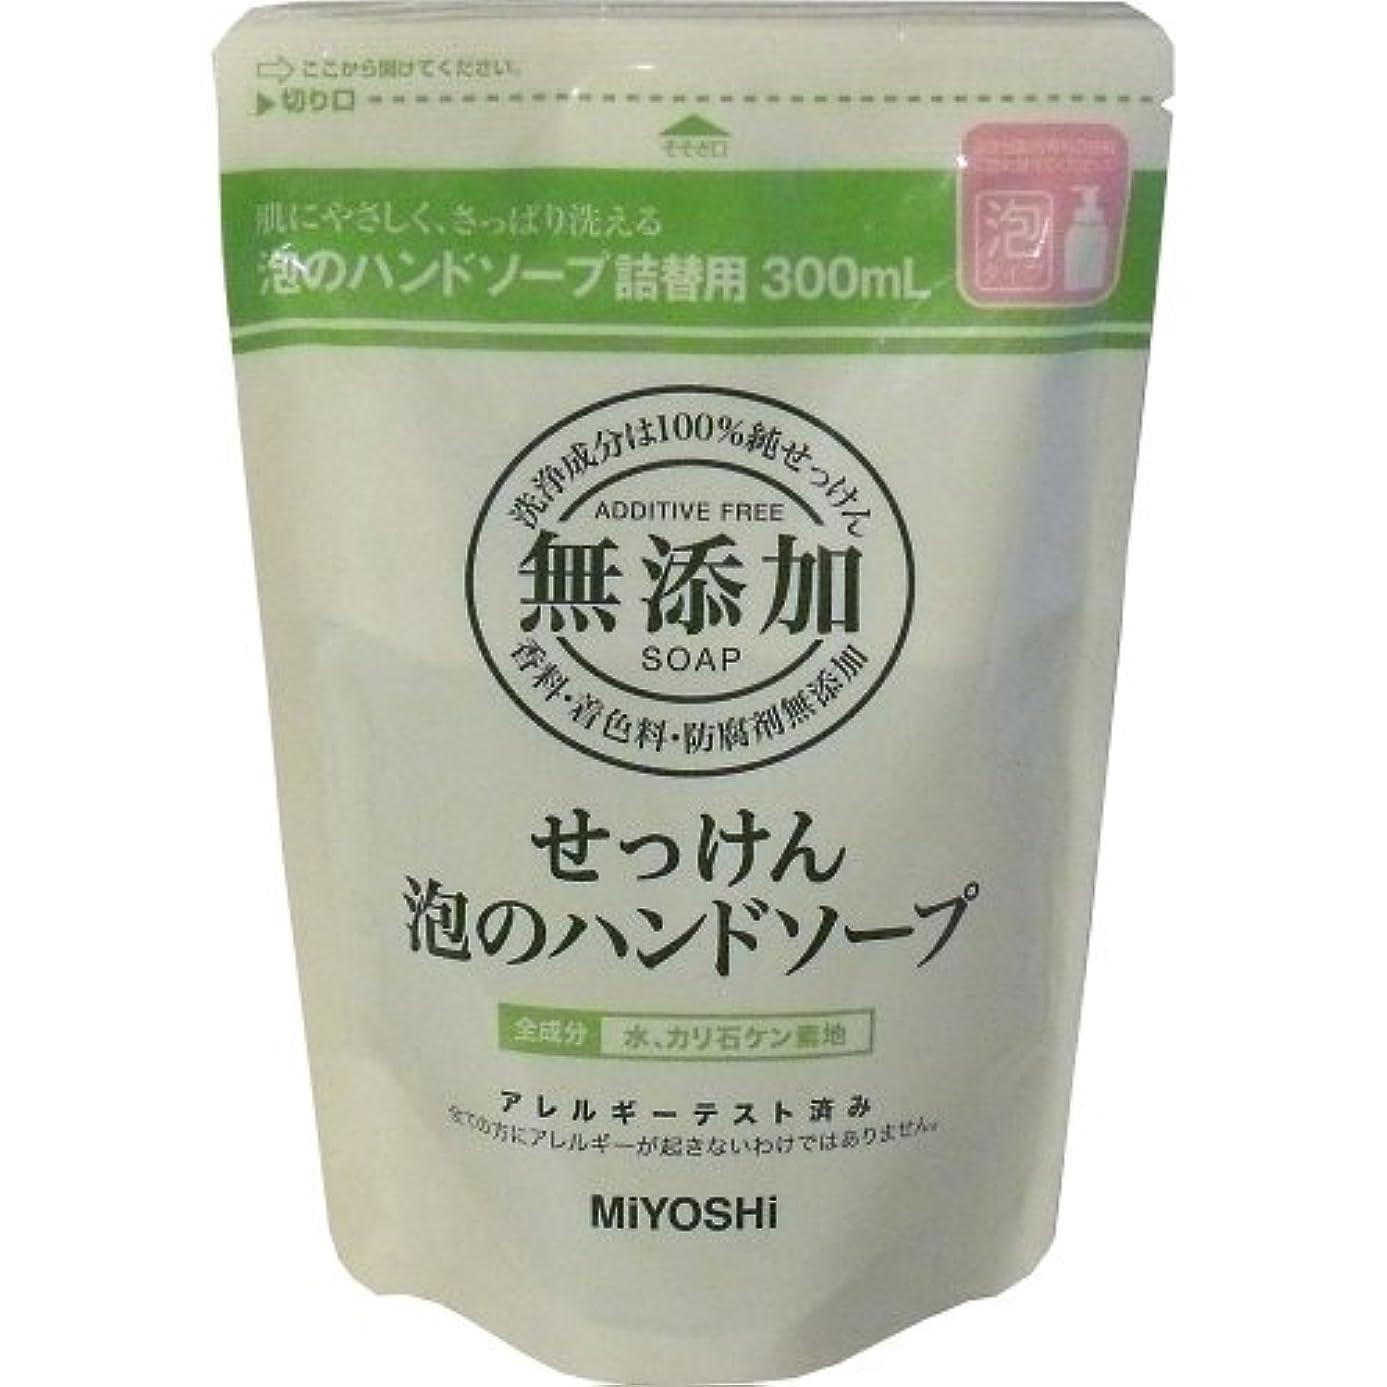 イベント記念インデックスミヨシ石鹸 無添加せっけん泡ハンドソープ 詰替用300ml×5